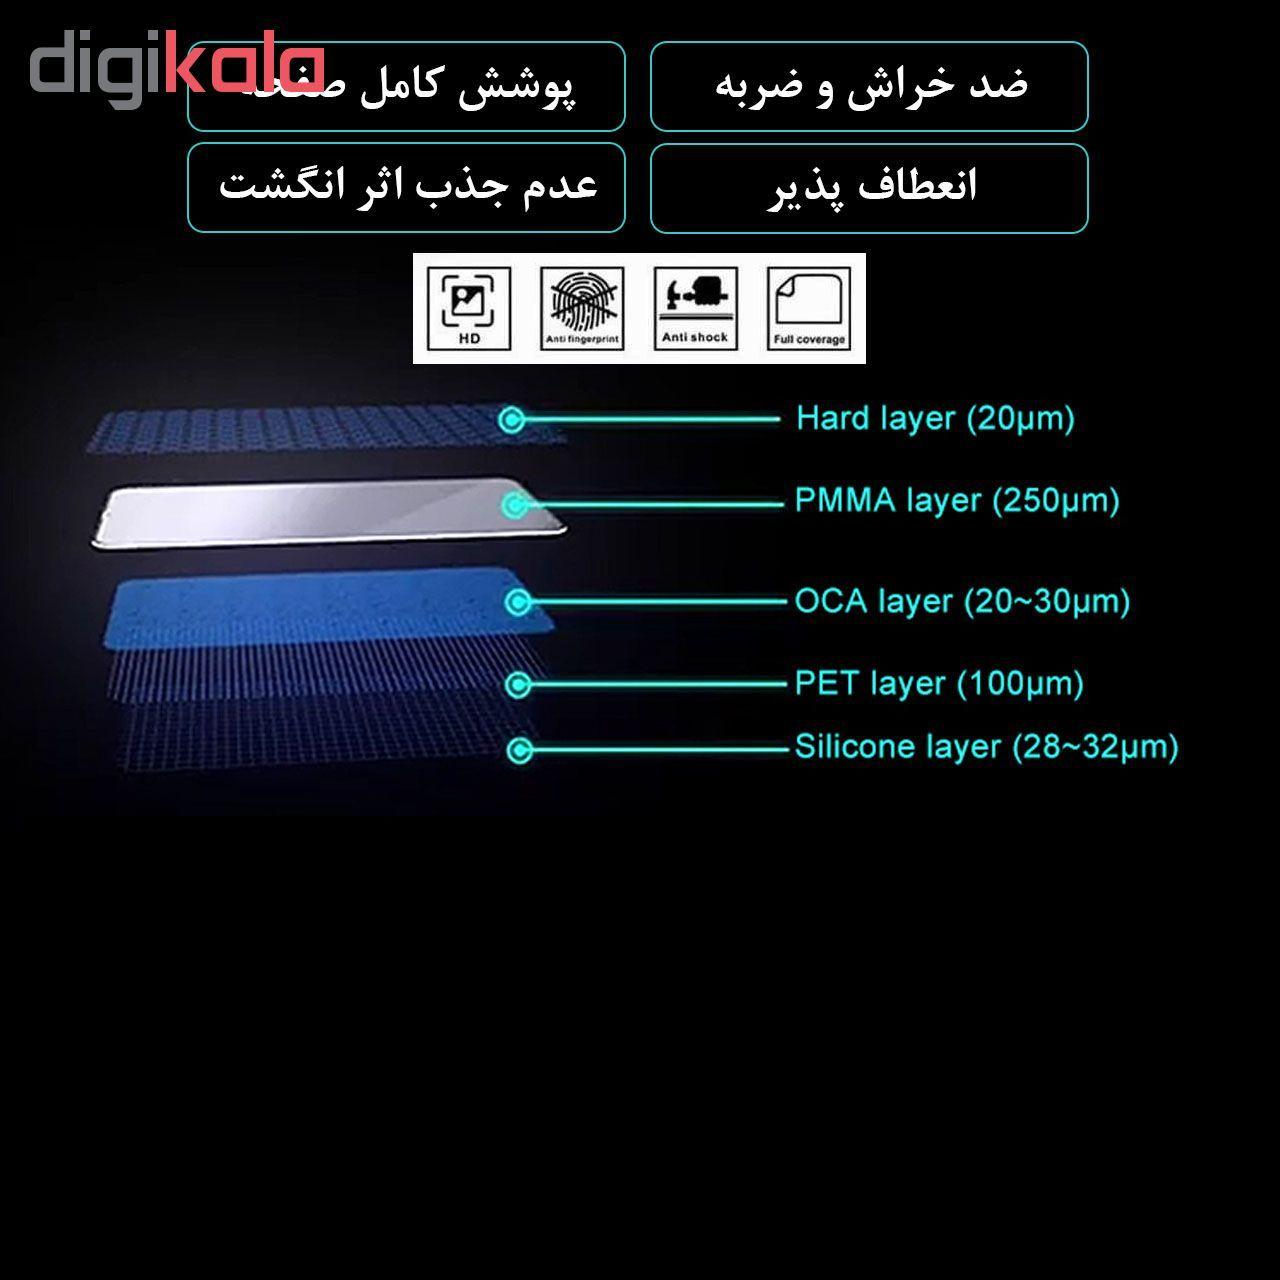 محافظ صفحه نمایش 9D مدل  CRA-I7 مناسب برای گوشی موبایل اپل  iphone 7 / 8  main 1 1